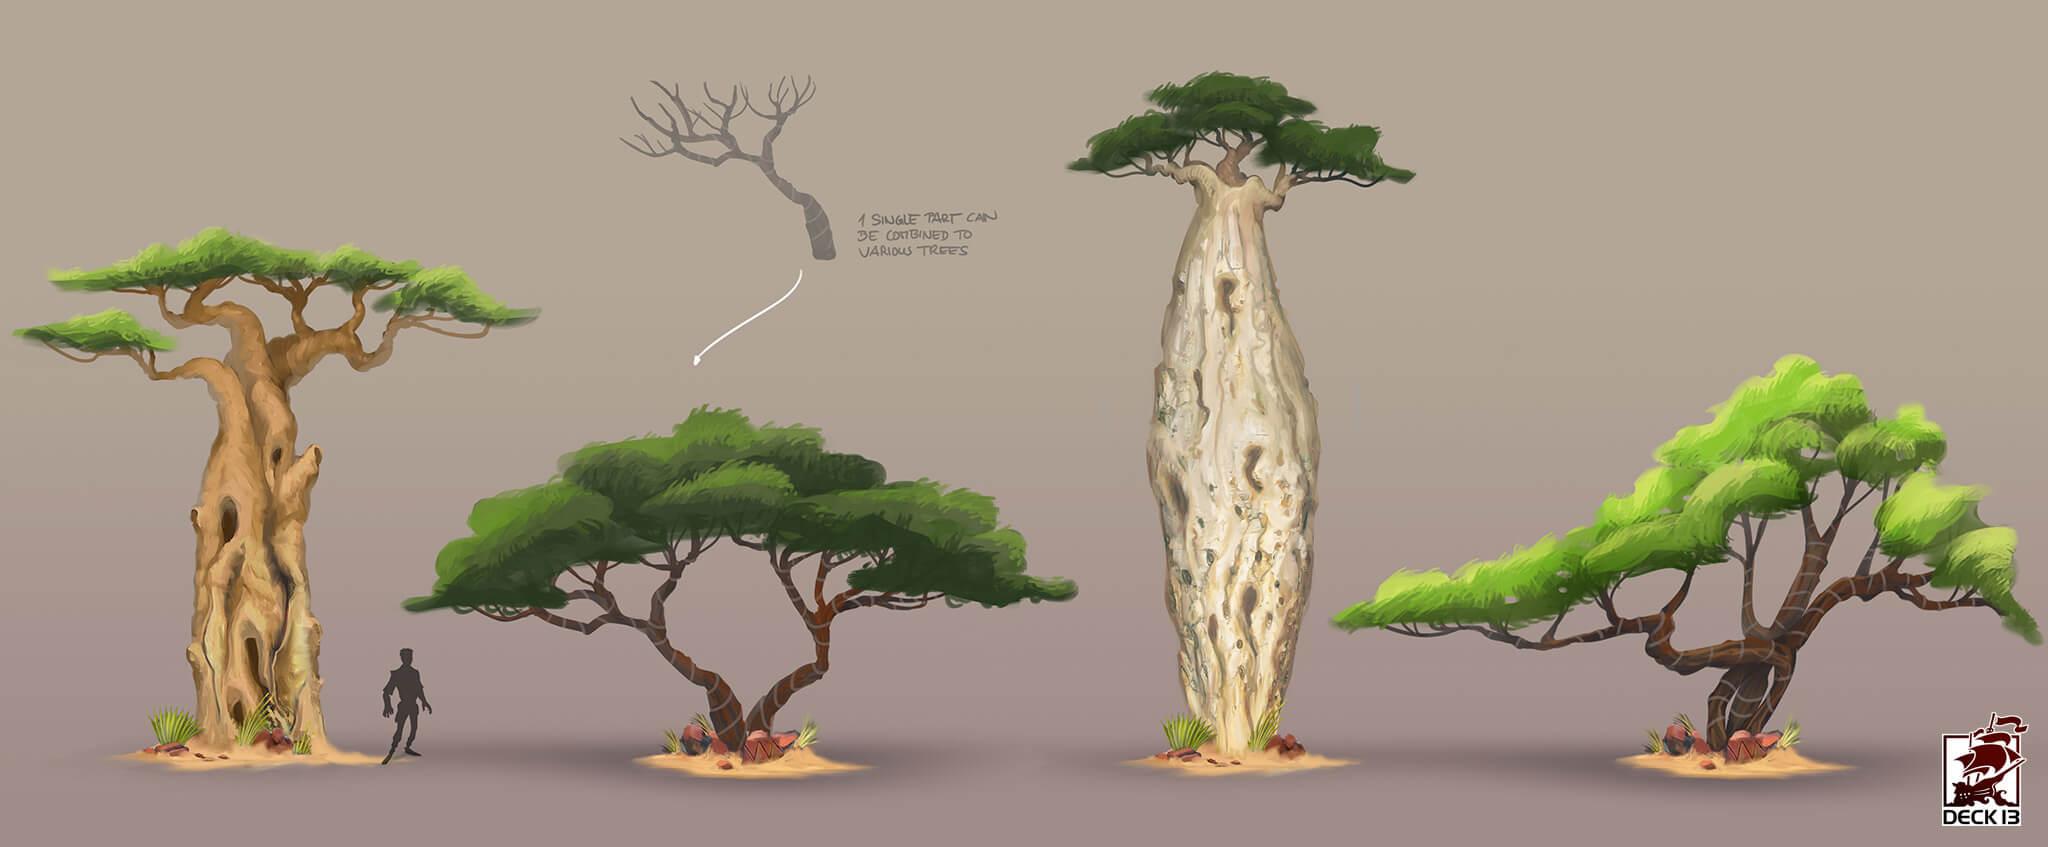 jack-keane-2-deck13-concept-art-felix-botho-haas-savannah_trees_002